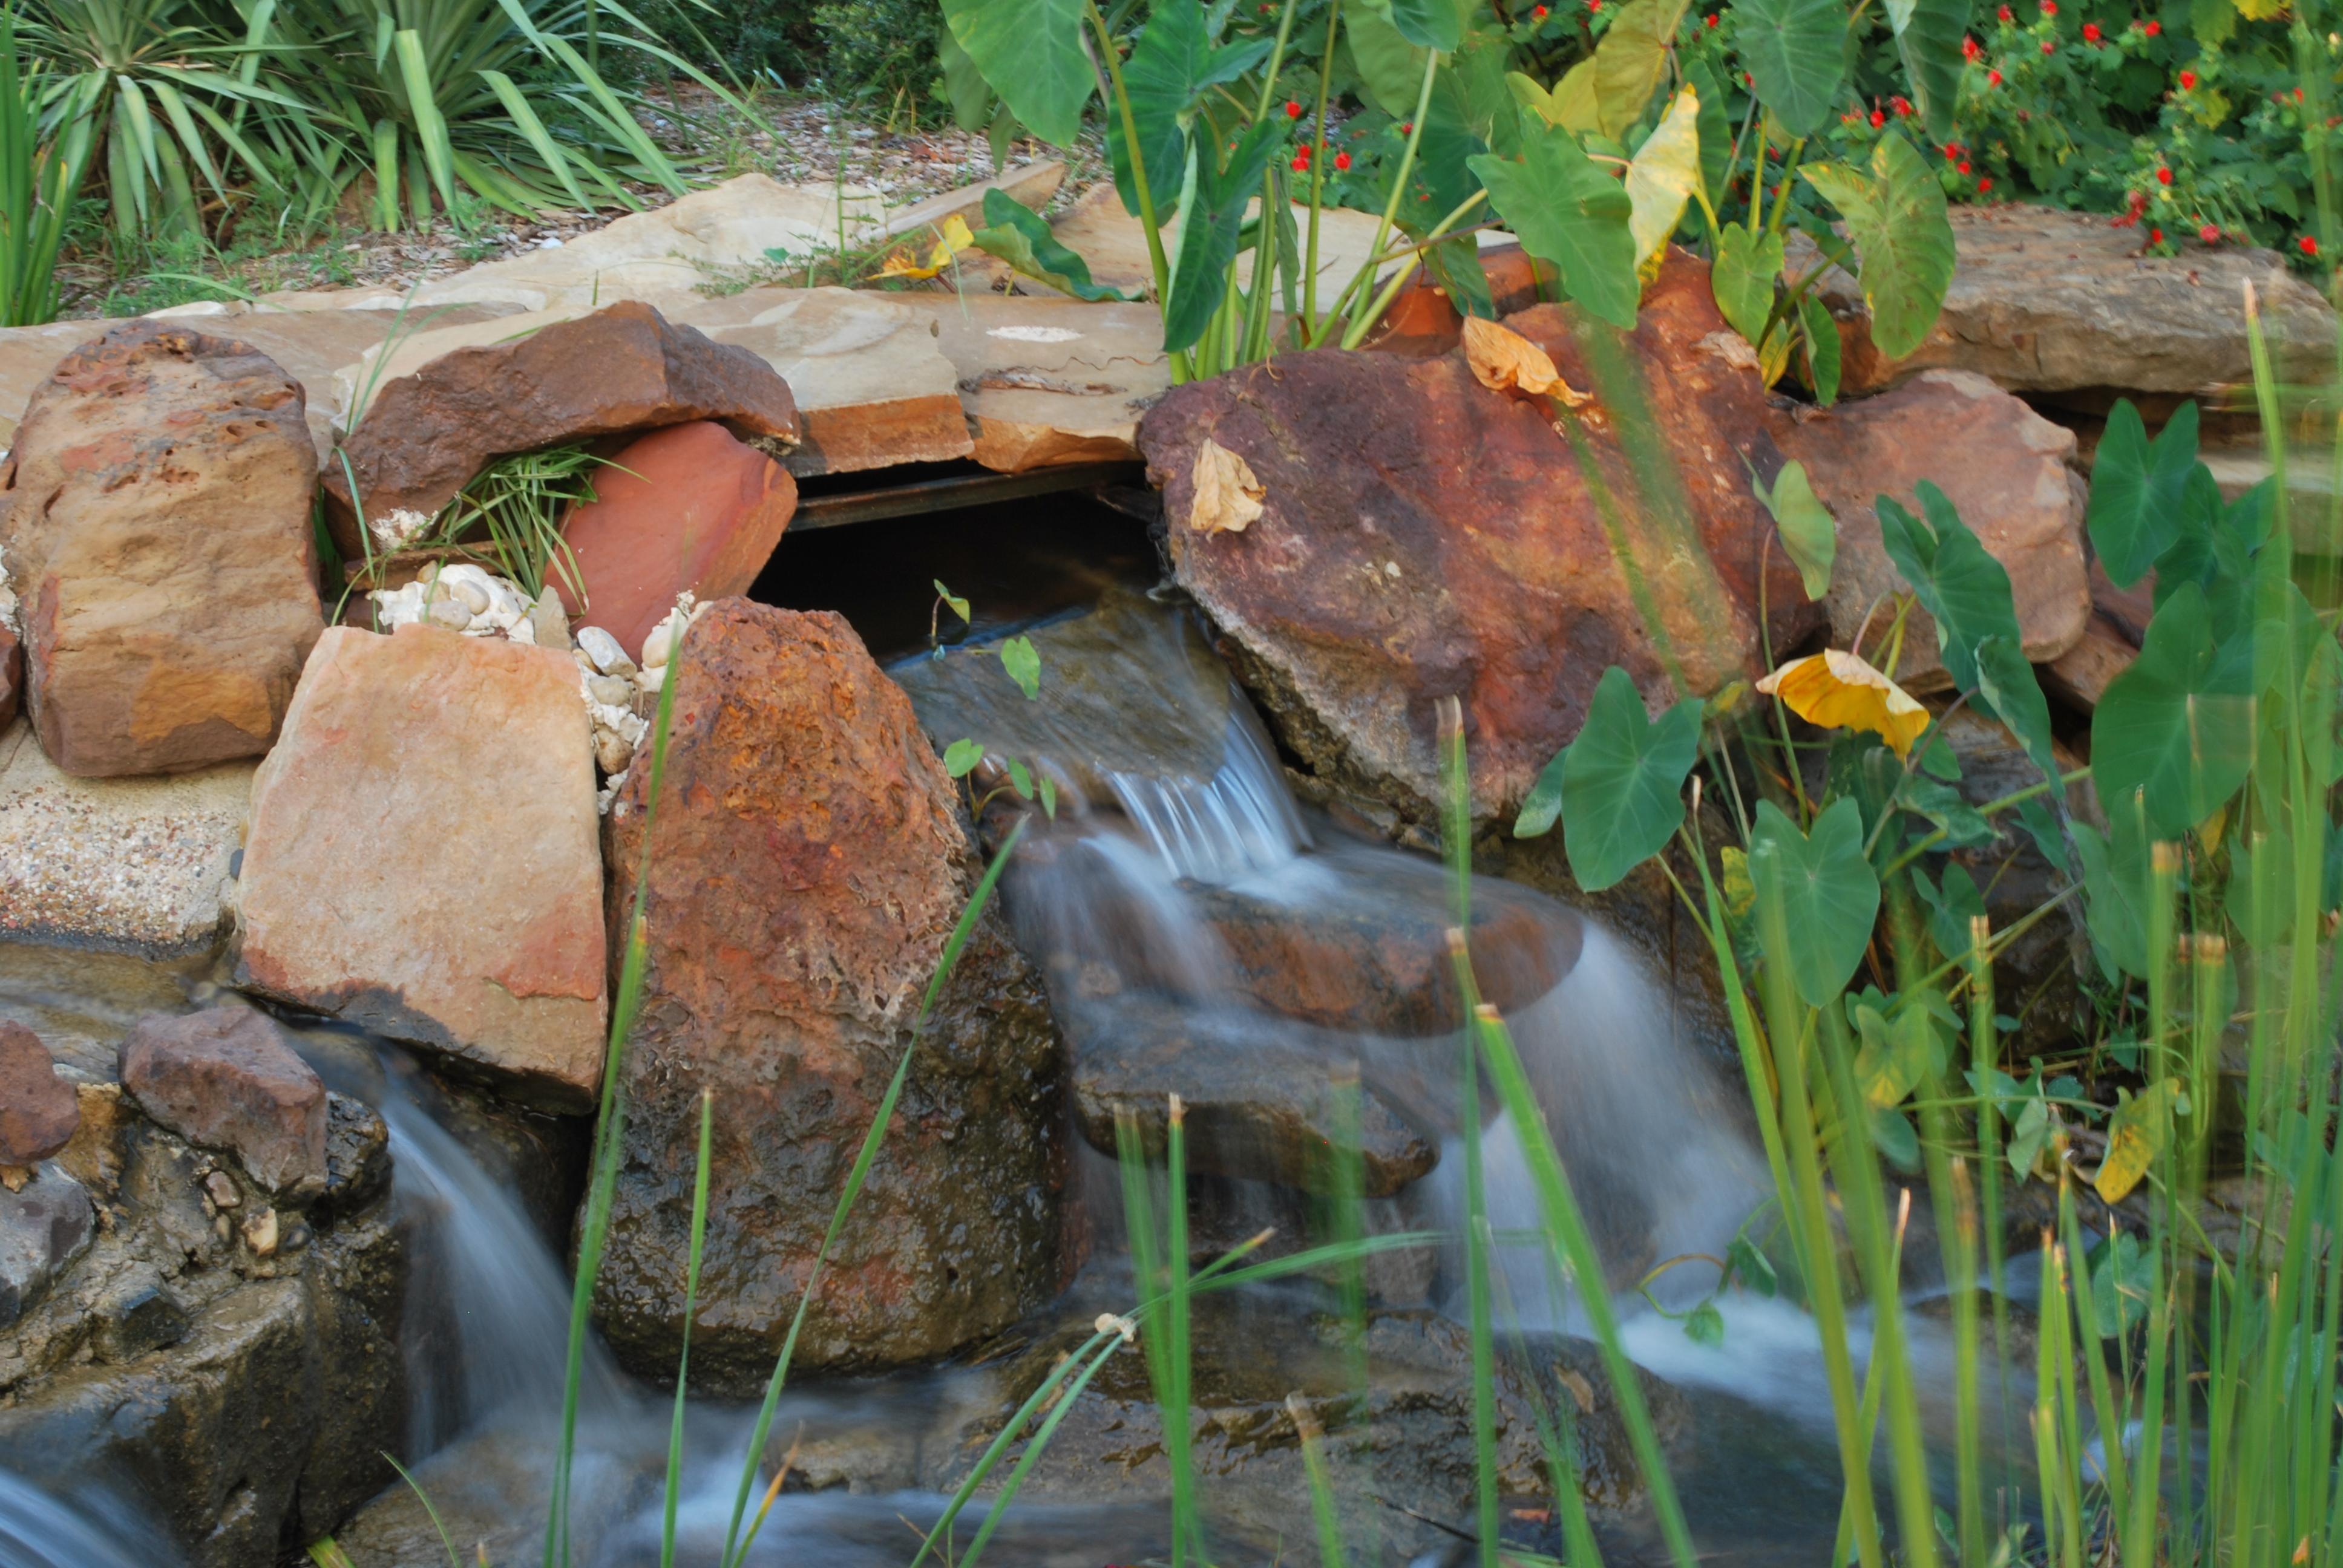 Garden Waterfalls, Garden, Landscape, Nature, Park, HQ Photo